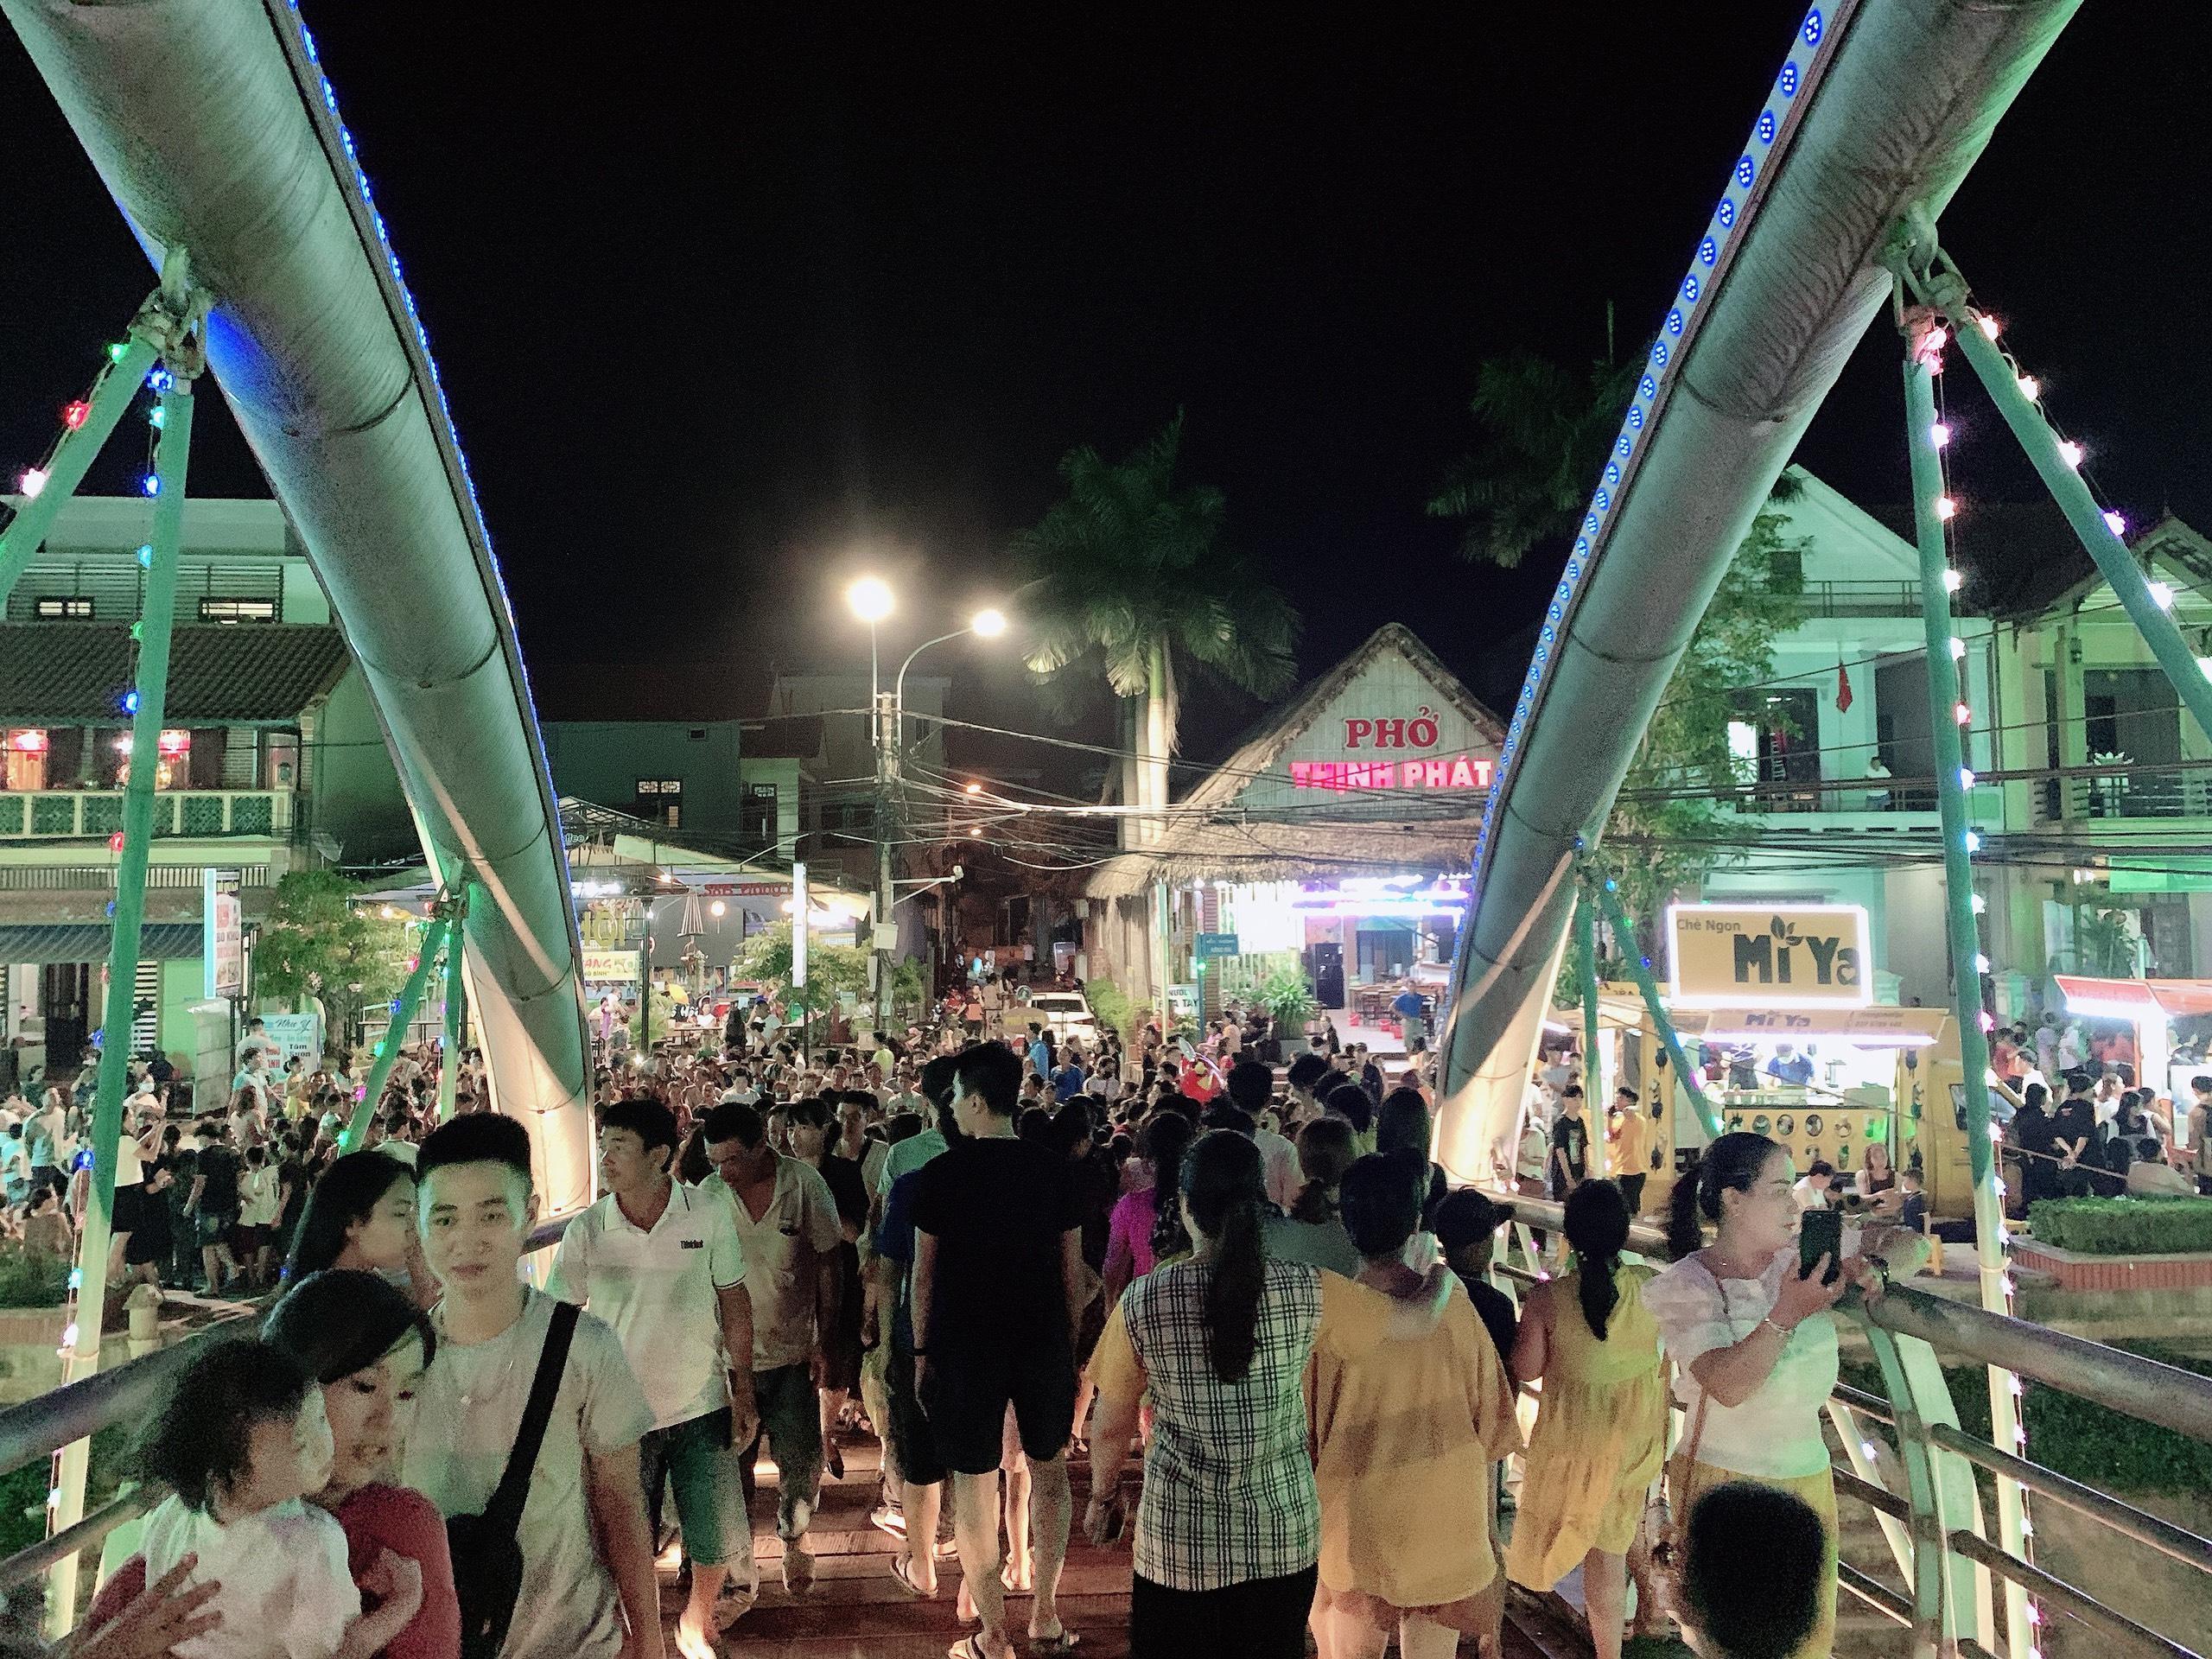 Phố đi bộ Quảng Bình điểm đến ''Thân Thiện - Mến Khách'' Du Lịch về đêm cho Du Khách.